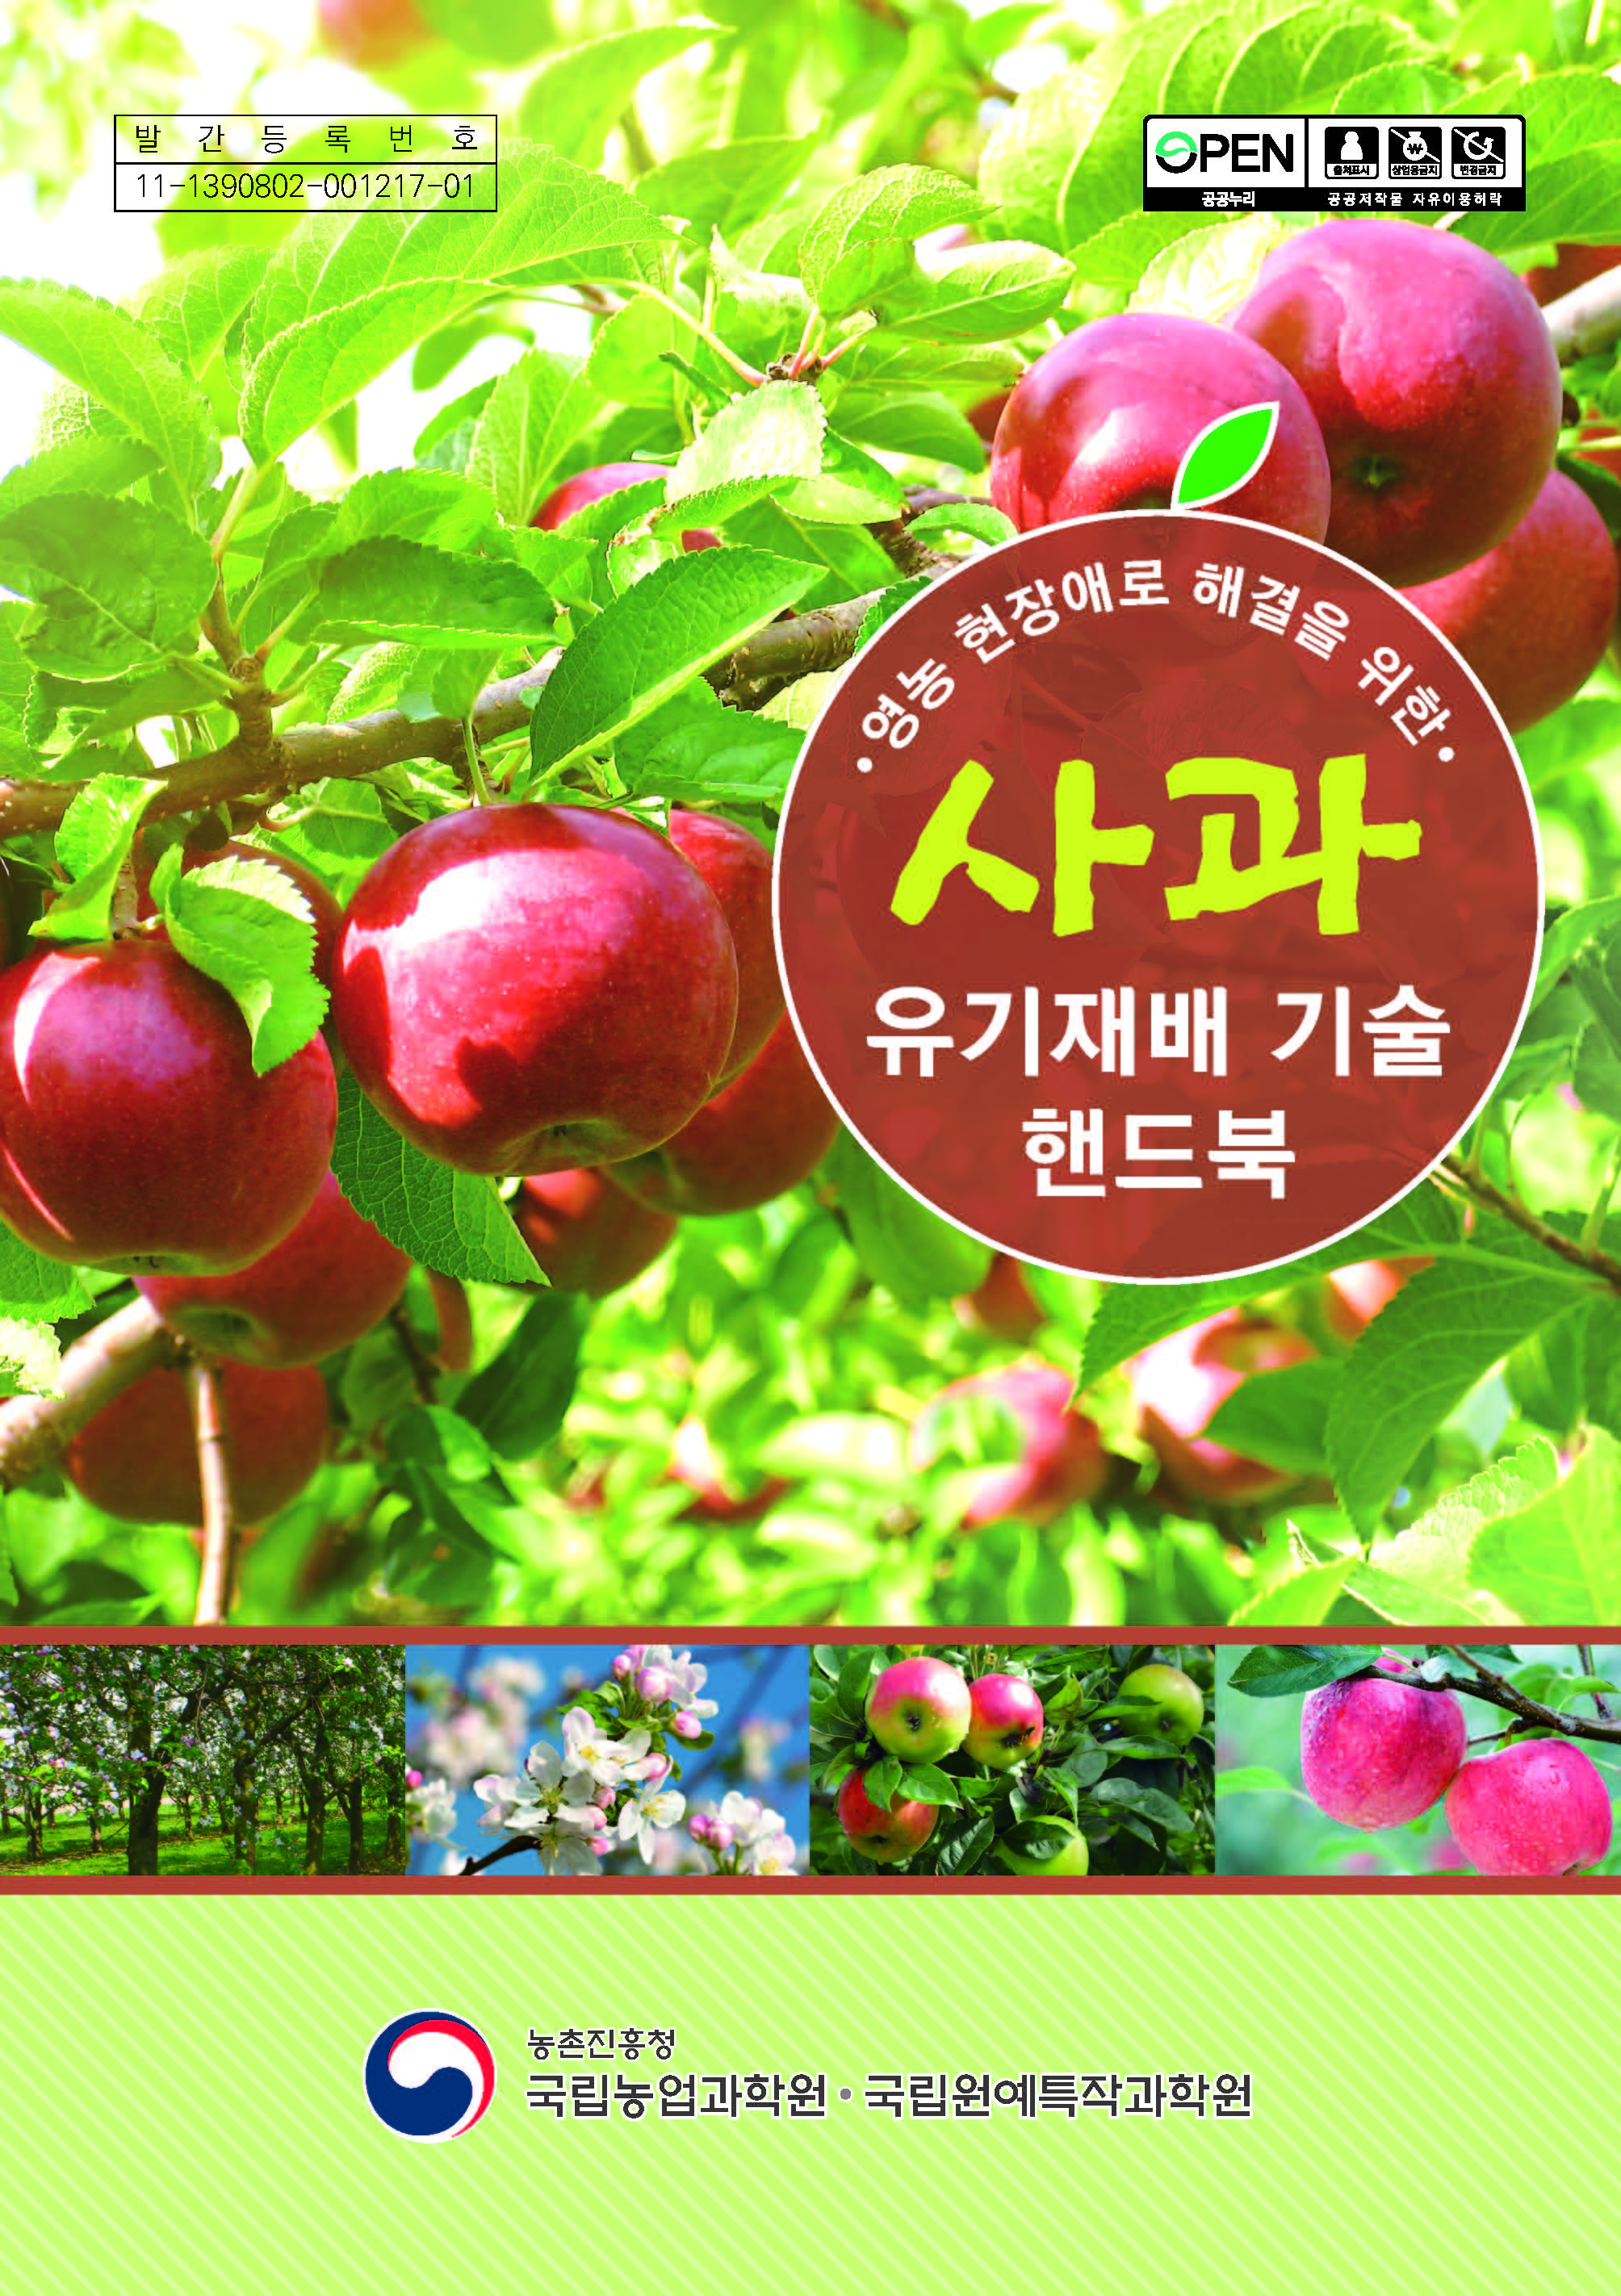 영농 현장애로 해결을 위한 사과 유기재배 기술 핸드북